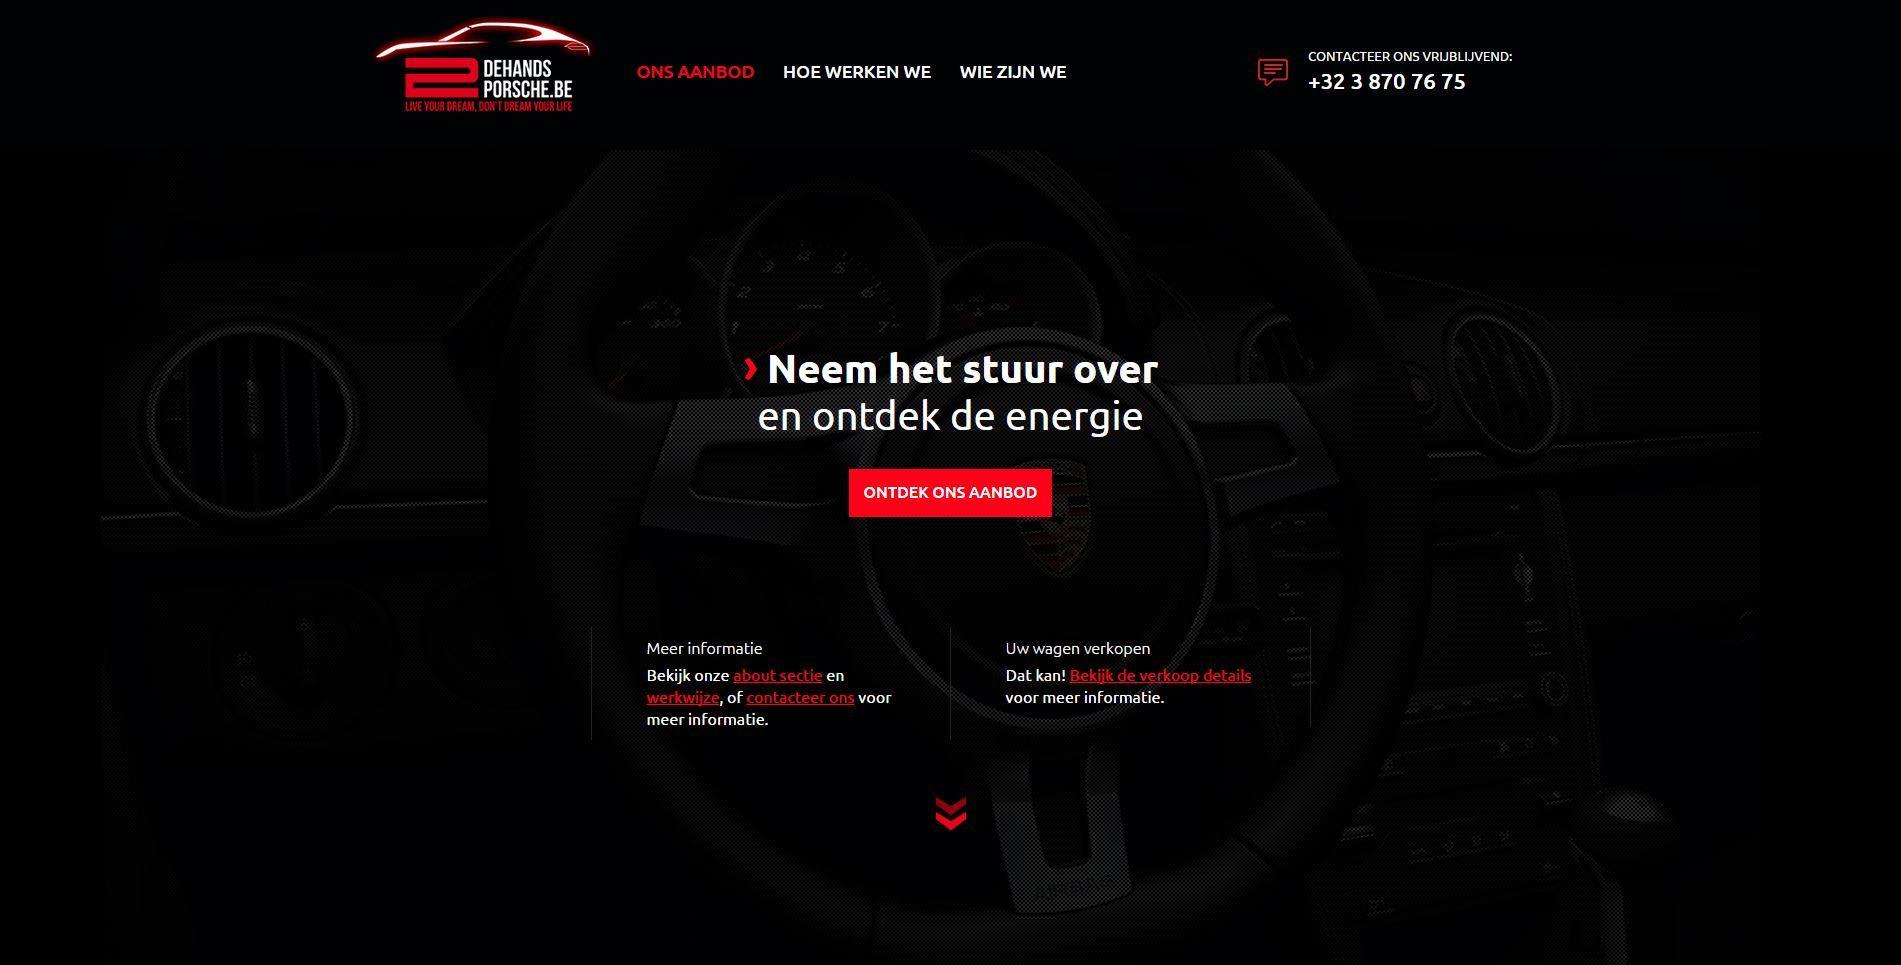 Nieuwe website voor http://2dehandsporsche.be/nl/